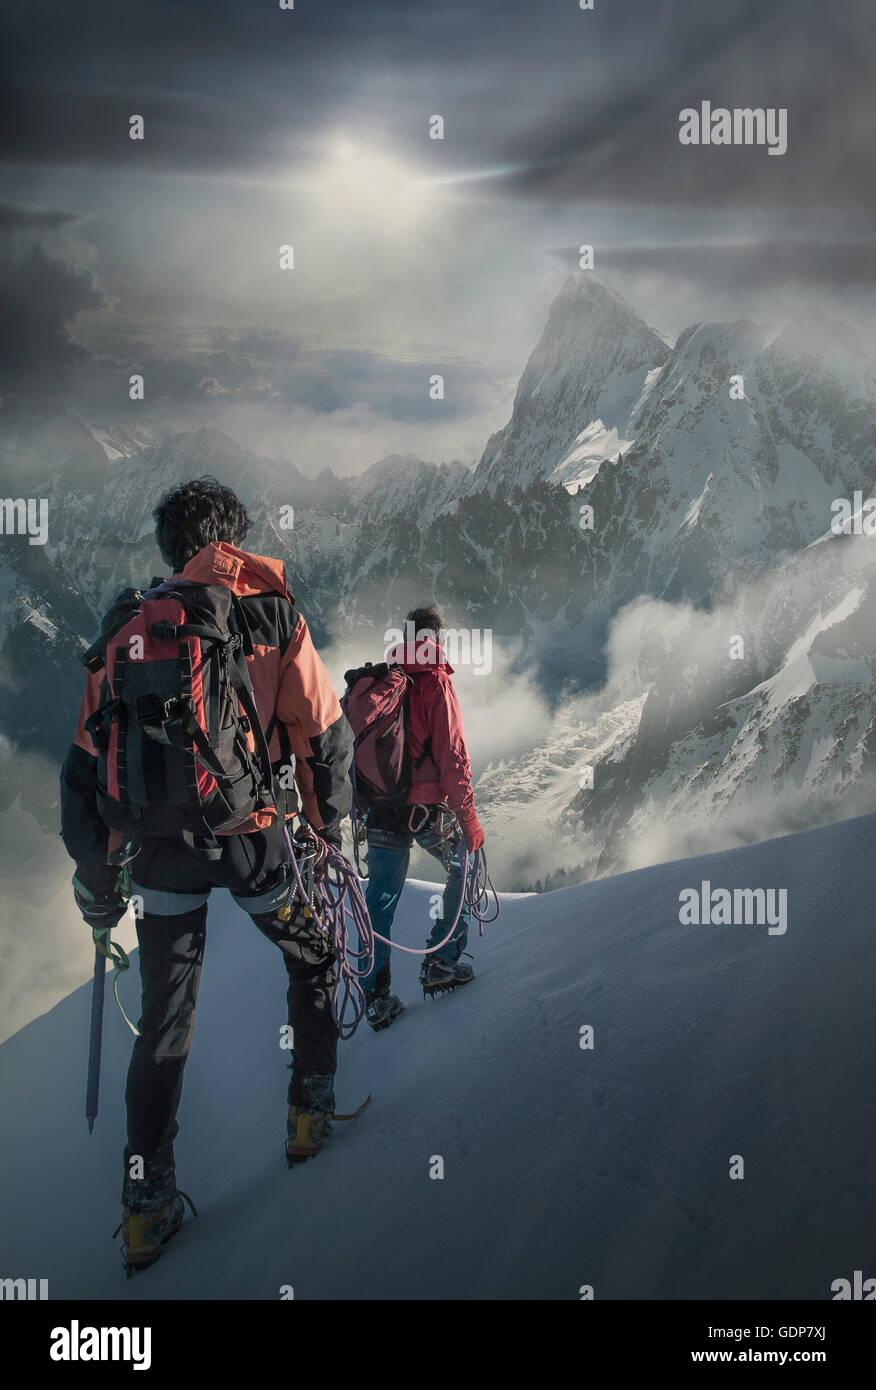 Deux alpinistes sur une pente enneigée à regarder la grande Jorasses, dans le Massif du Mont Blanc, Chamonix, Photo Stock